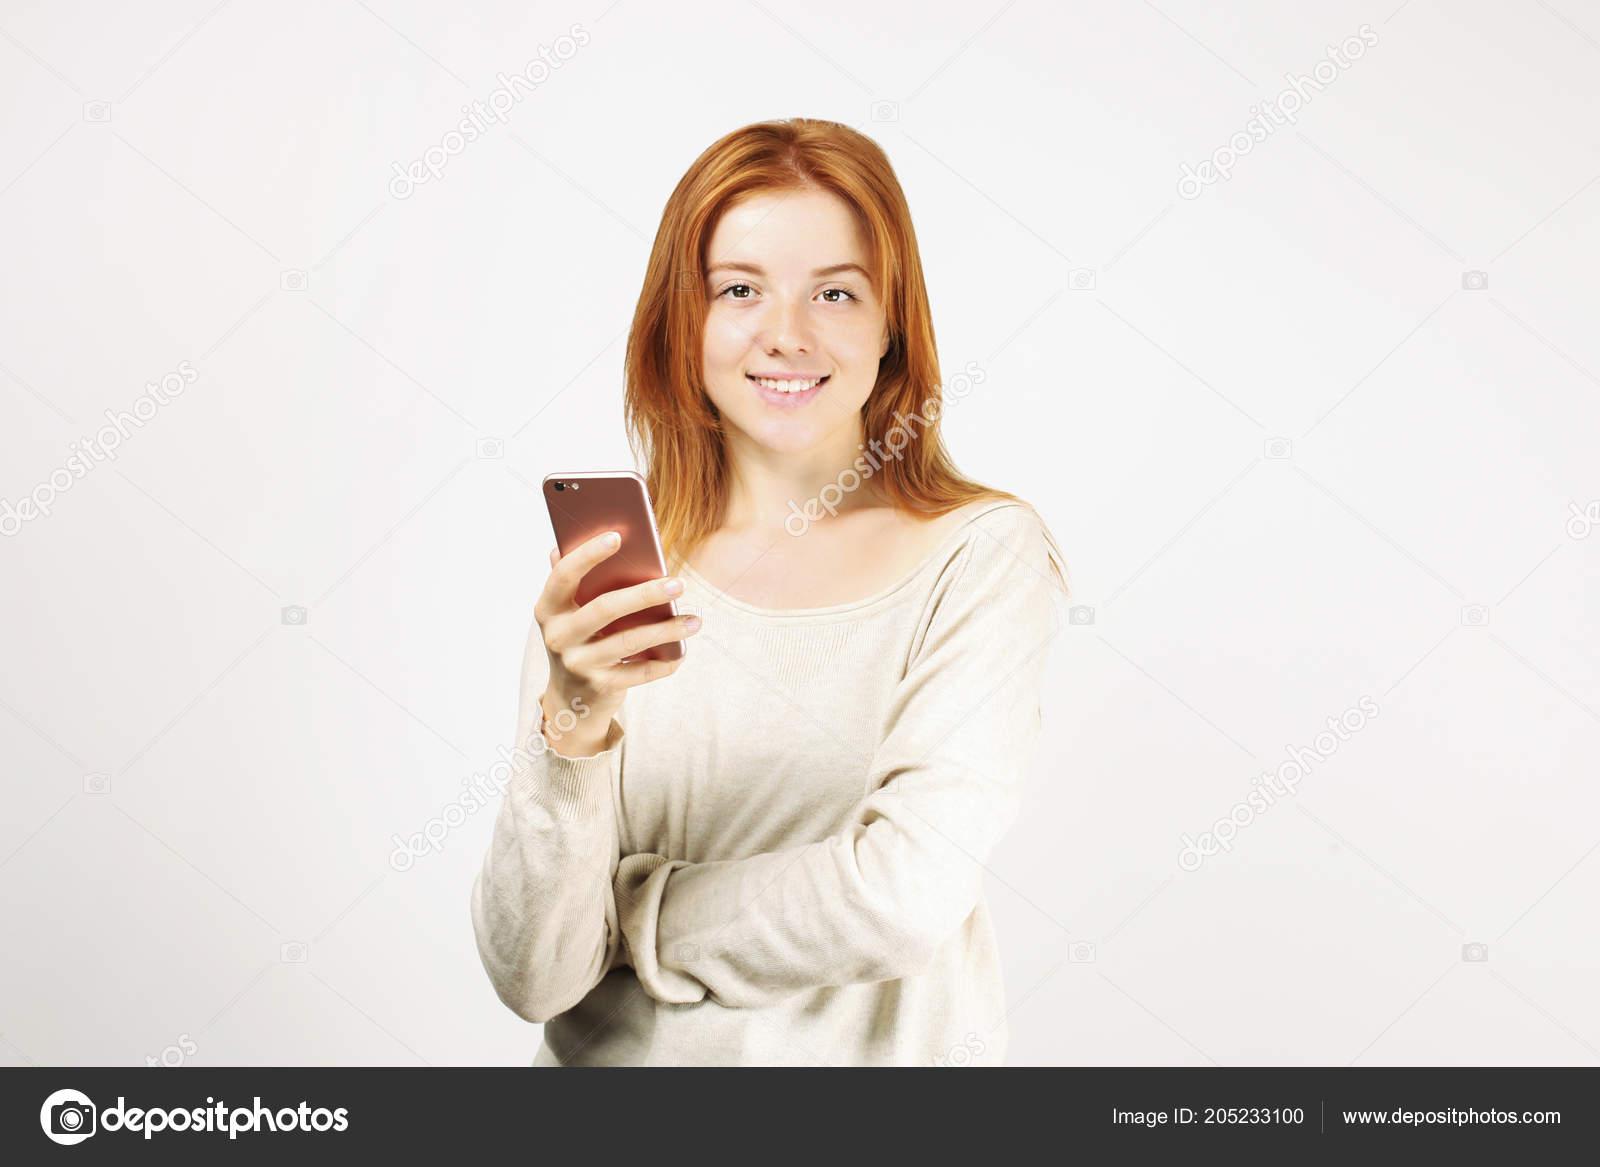 rencontre femme par telephone portable)